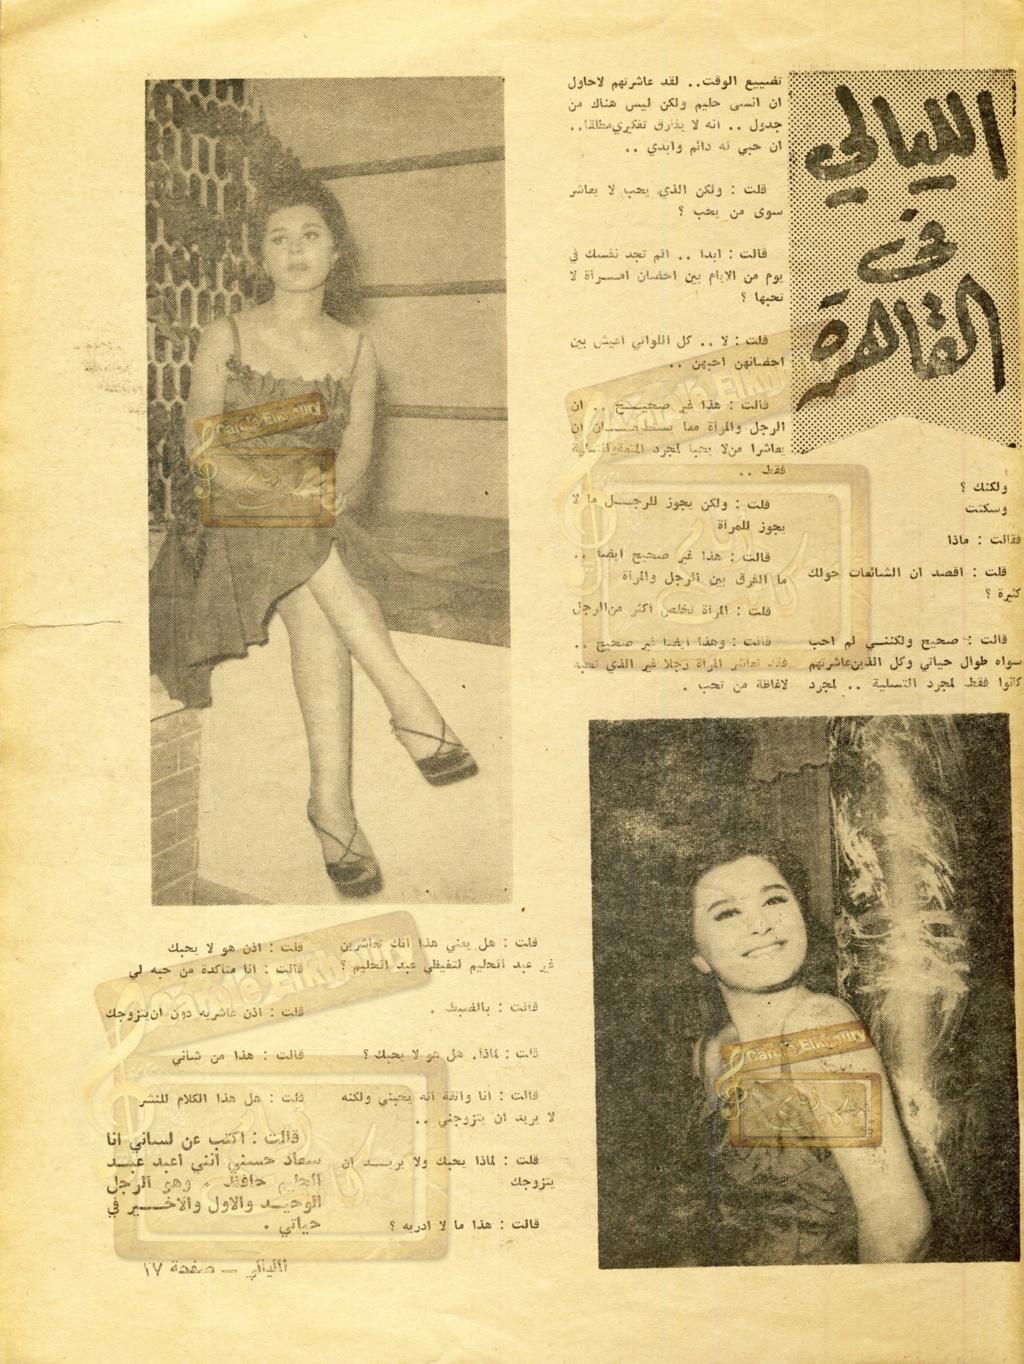 حوار صحفي : سعاد حسني .. عبدالحليم حافظ الرجل الأوّل والأخير في حياتي 1965 م 262